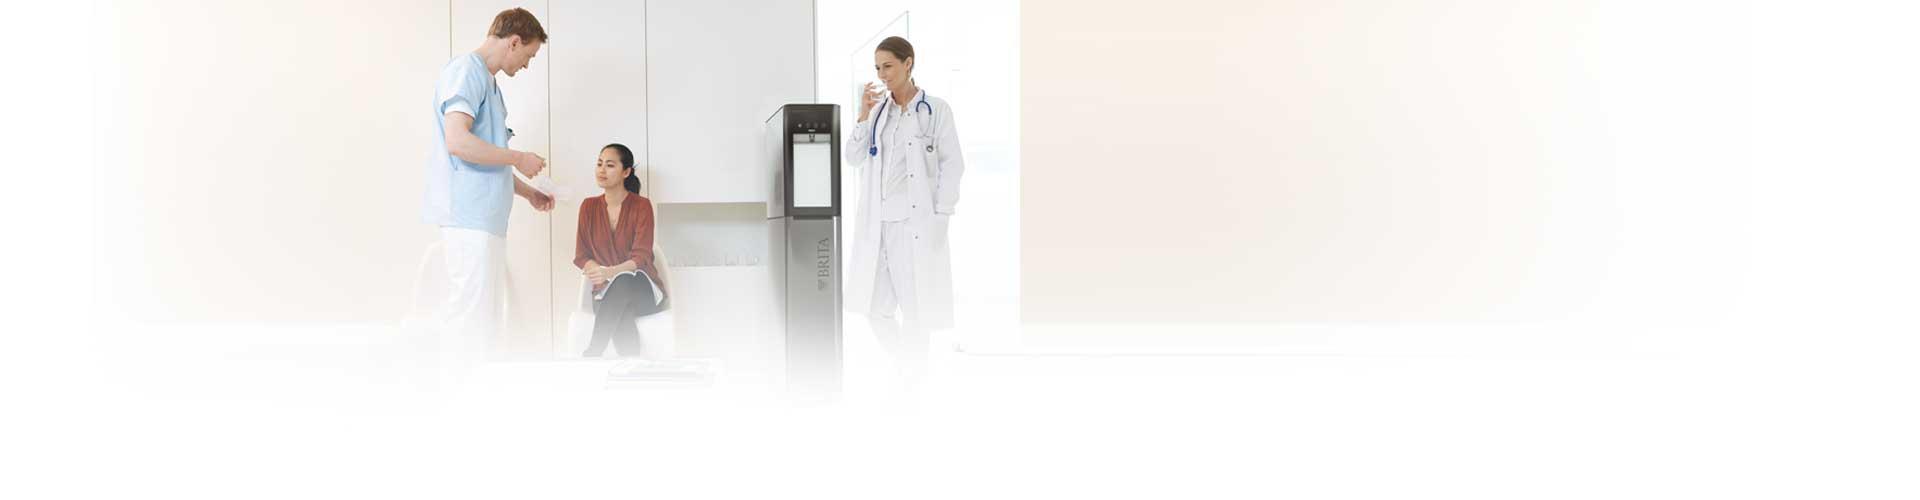 Waterkoeler voor ziekenhuis en gezondheidszorg